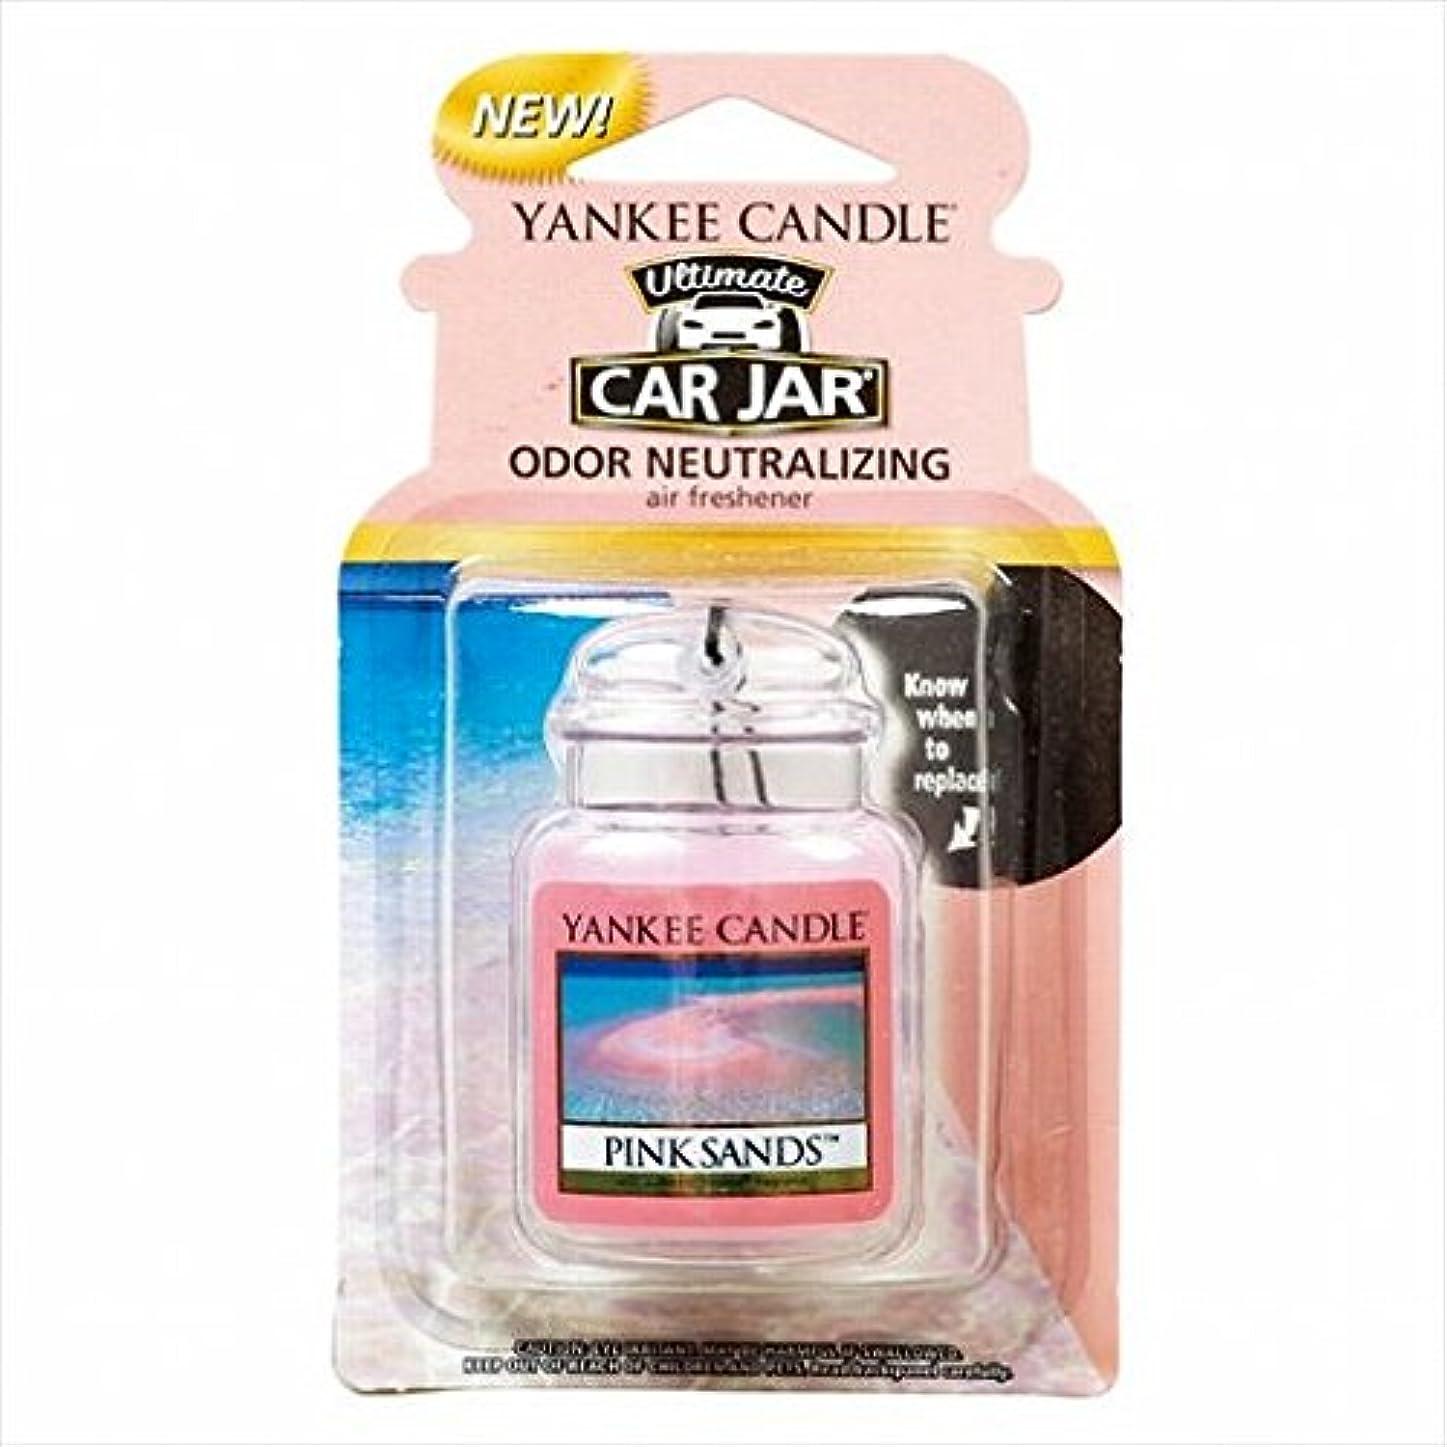 ウナギ十分ドメインカメヤマキャンドル(kameyama candle) YANKEE CANDLE ネオカージャー 「 ピンクサンド 」